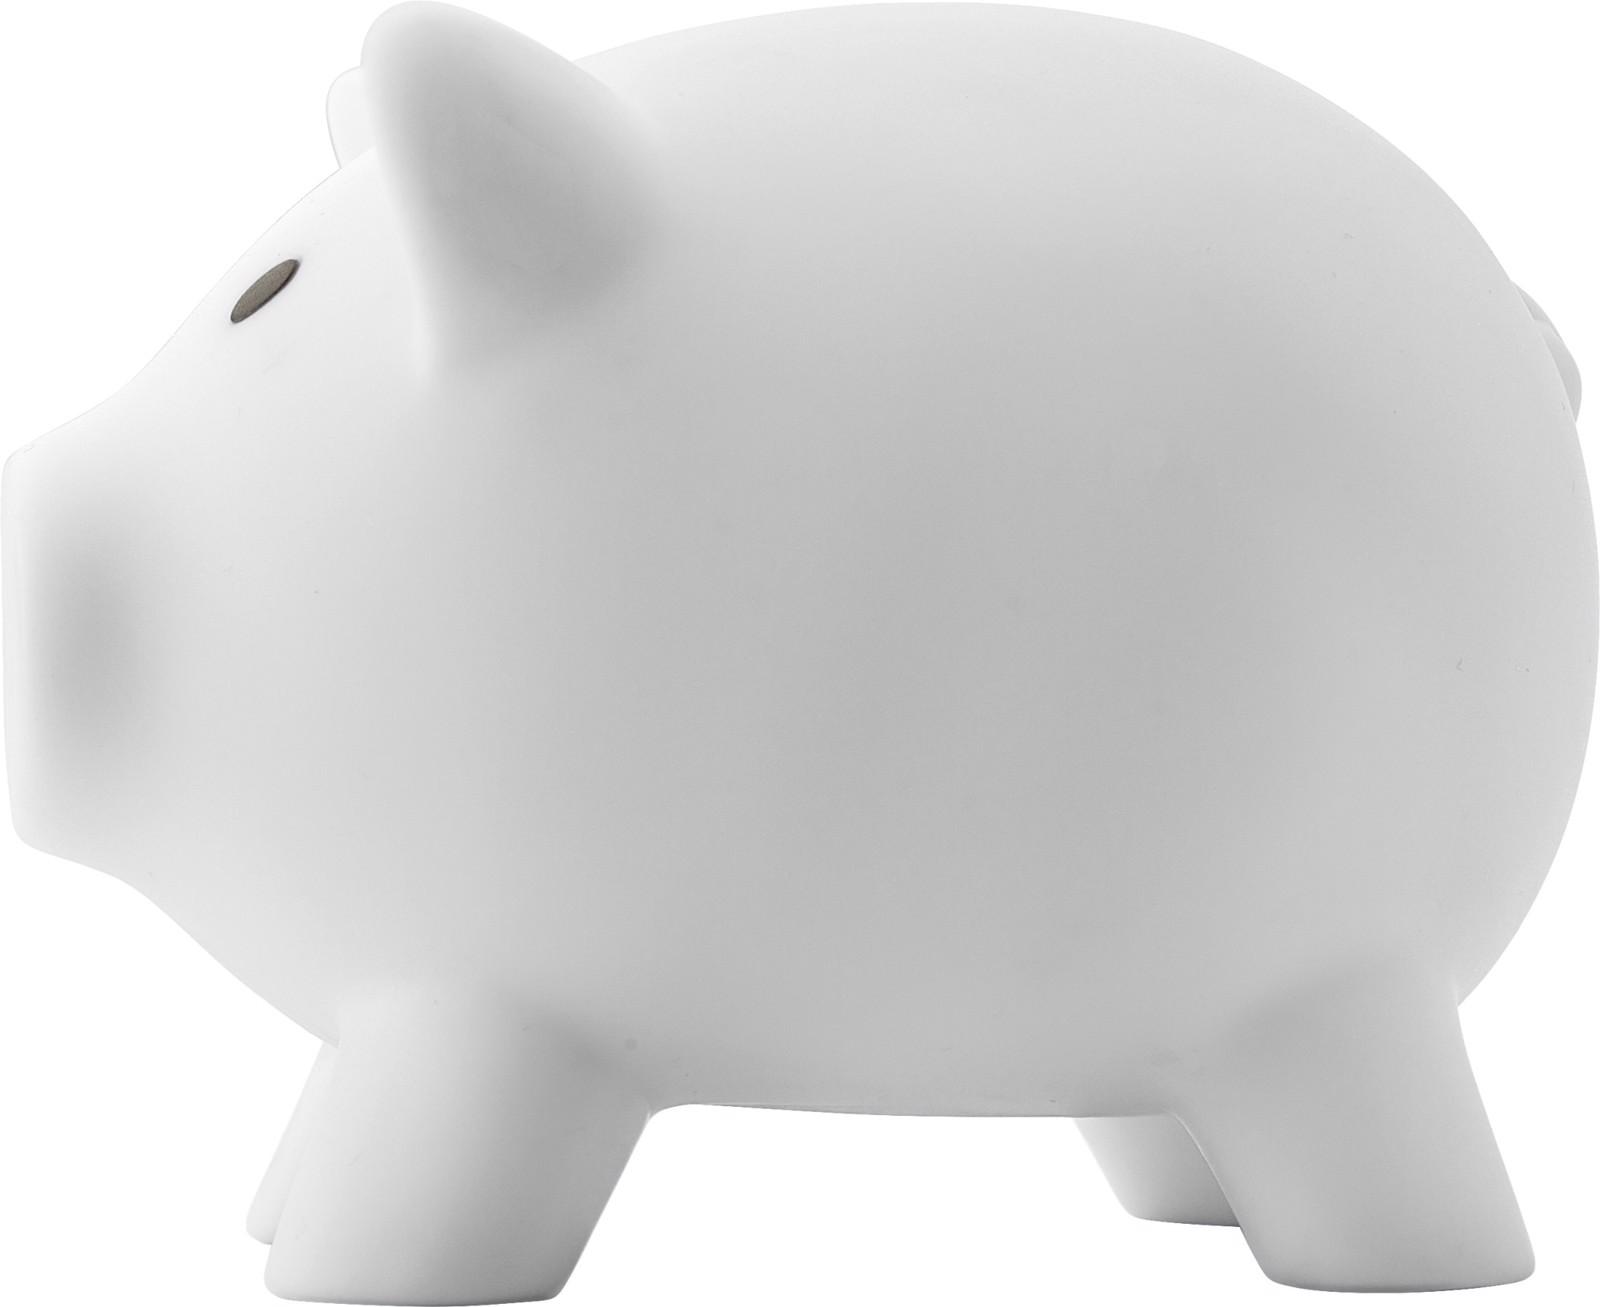 PVC piggy bank - White